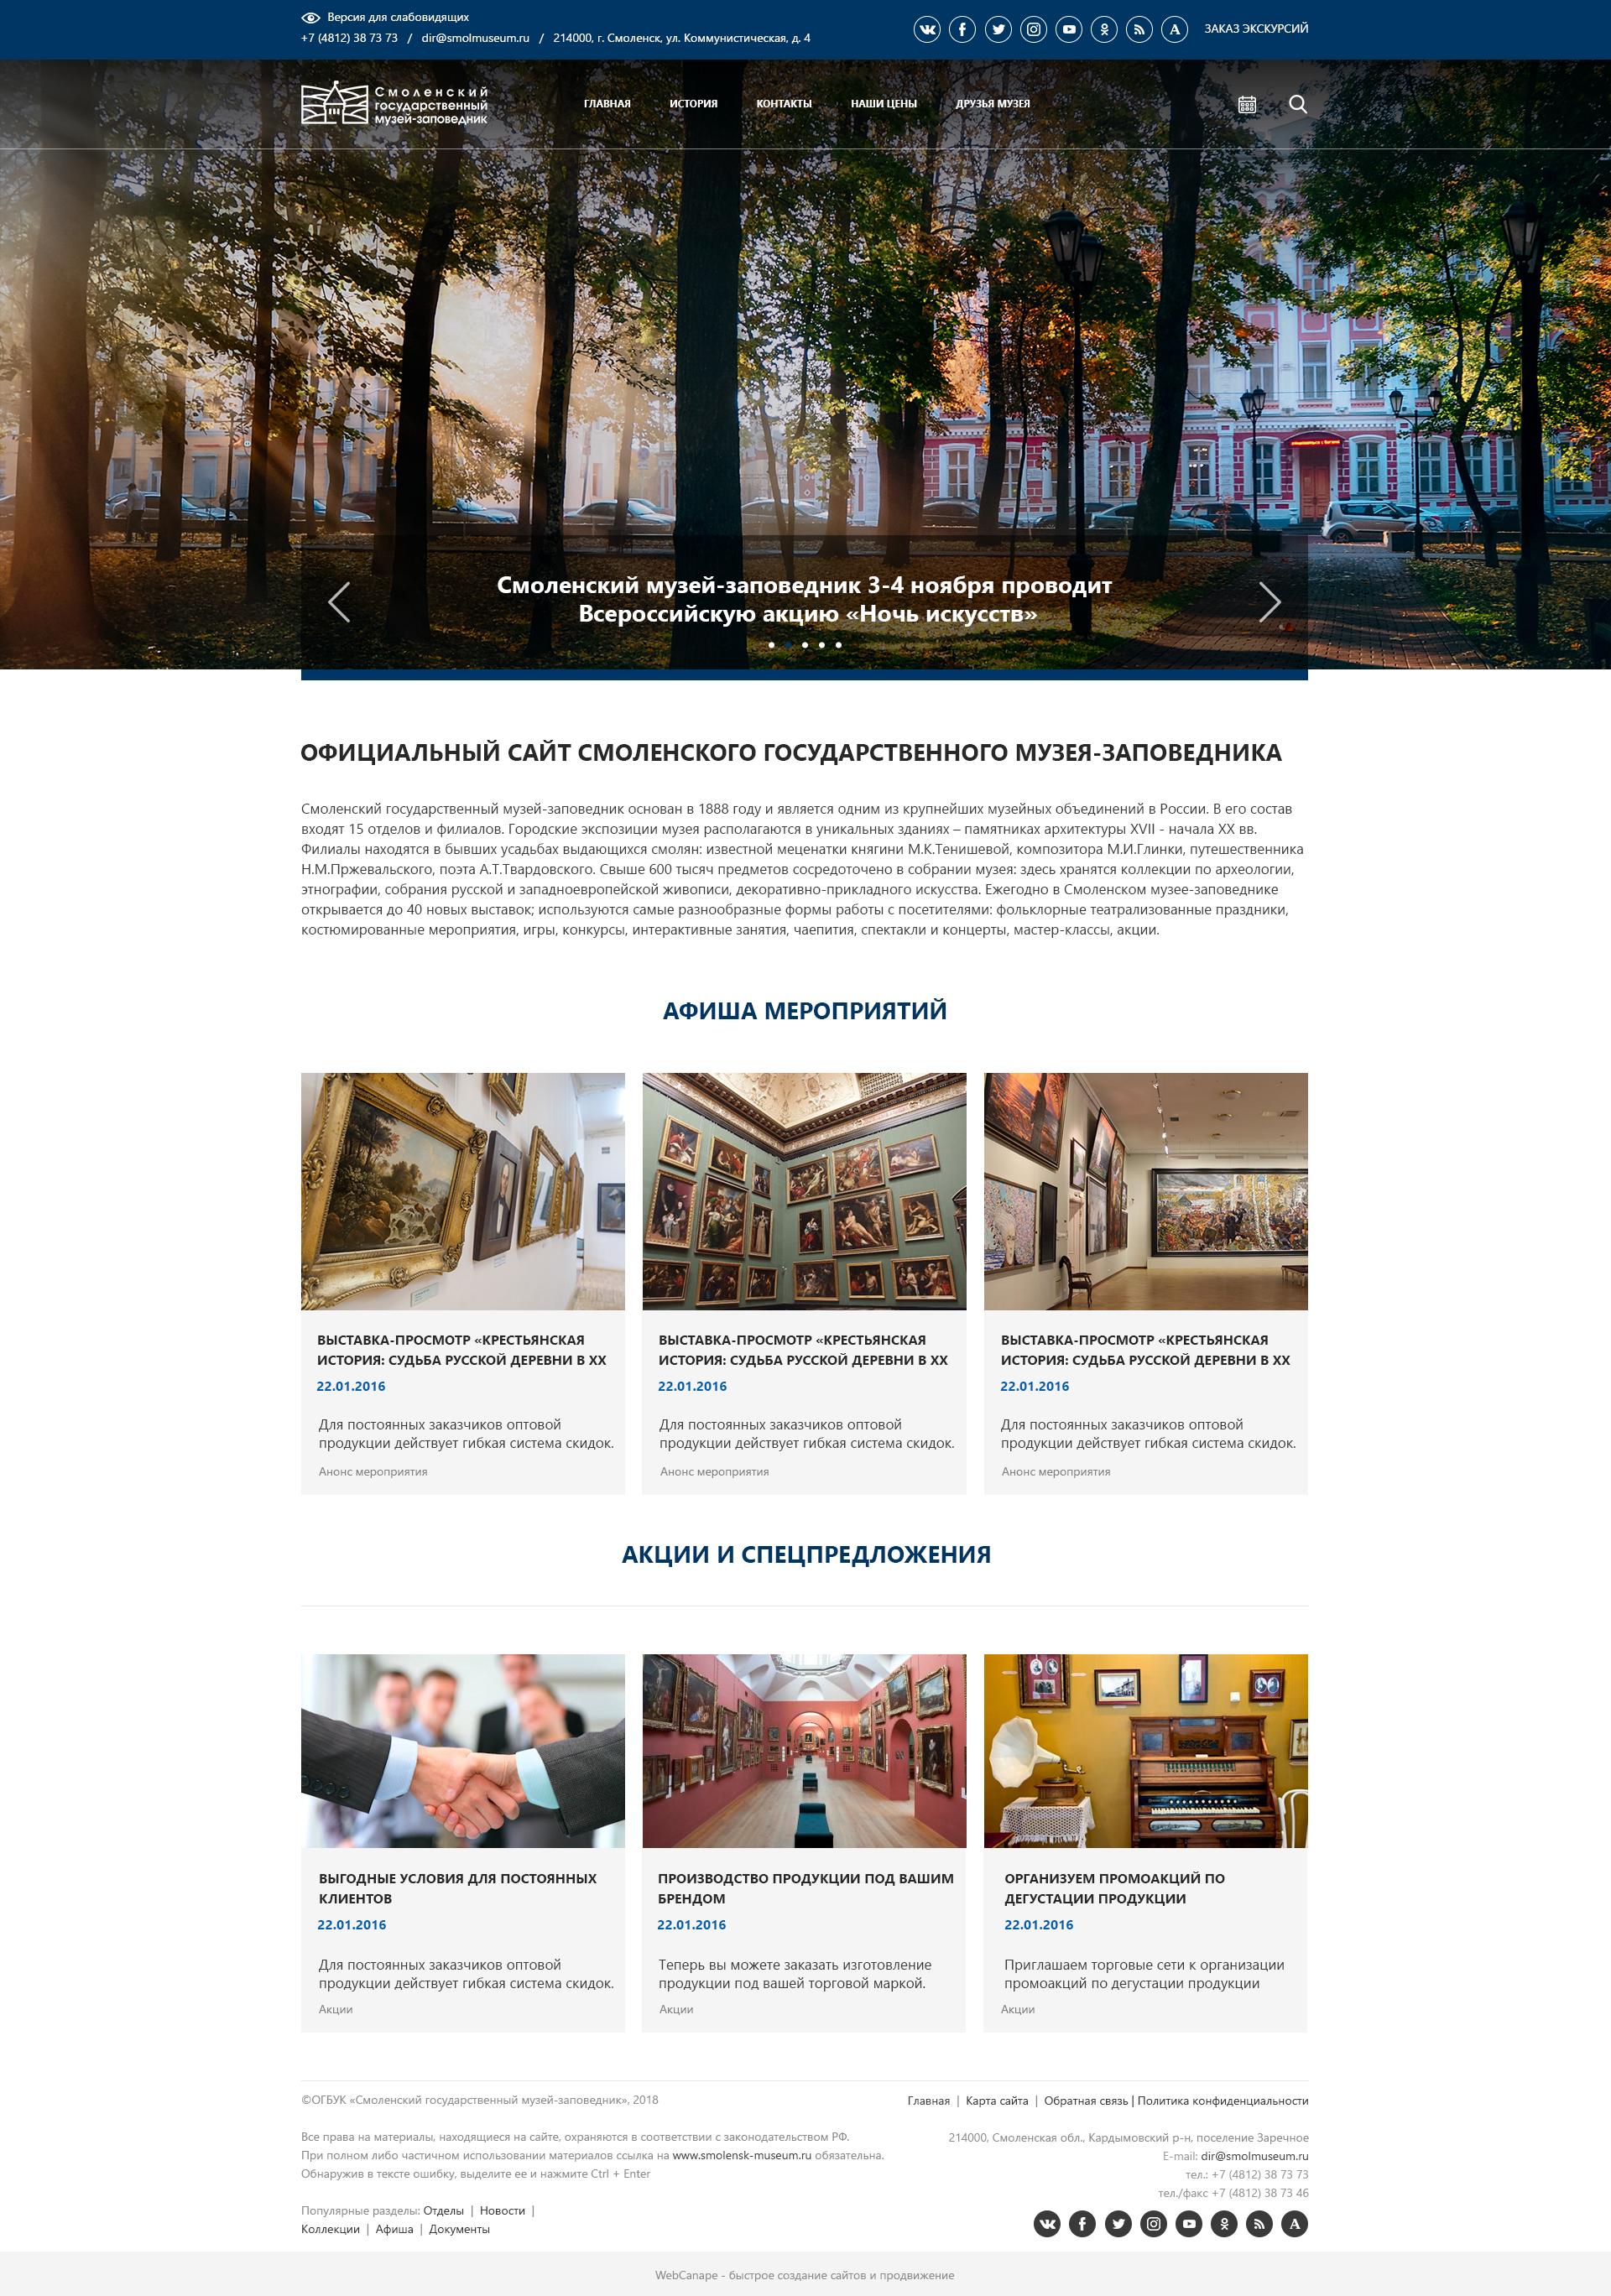 Разработка сайта Смоленского государственного музея-заповедника на основе шаблона готового решения